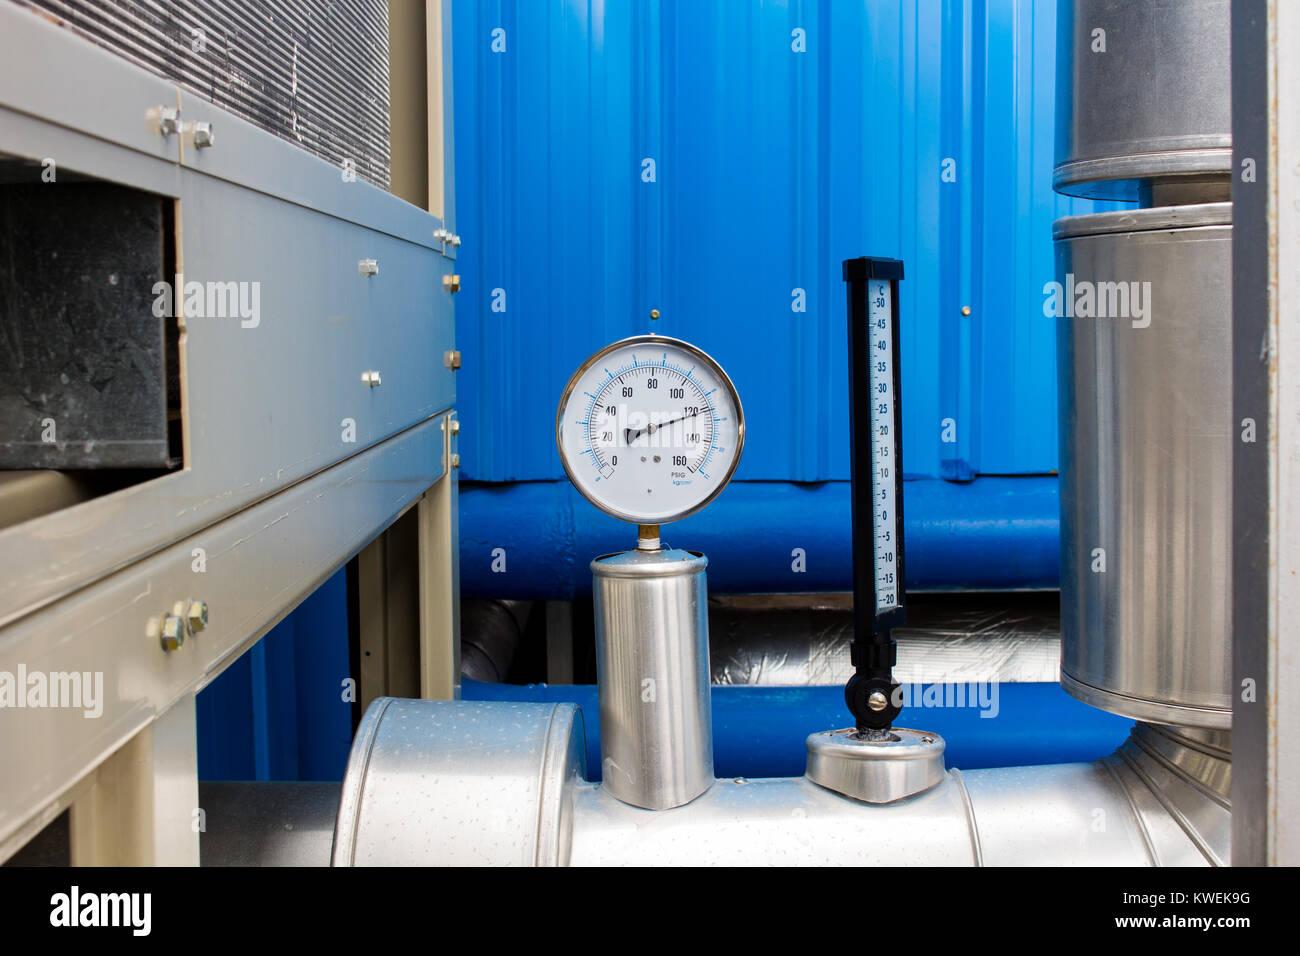 Il manometro e il termometro in acqua fredda tubo sul sistema di aria condizionata Immagini Stock